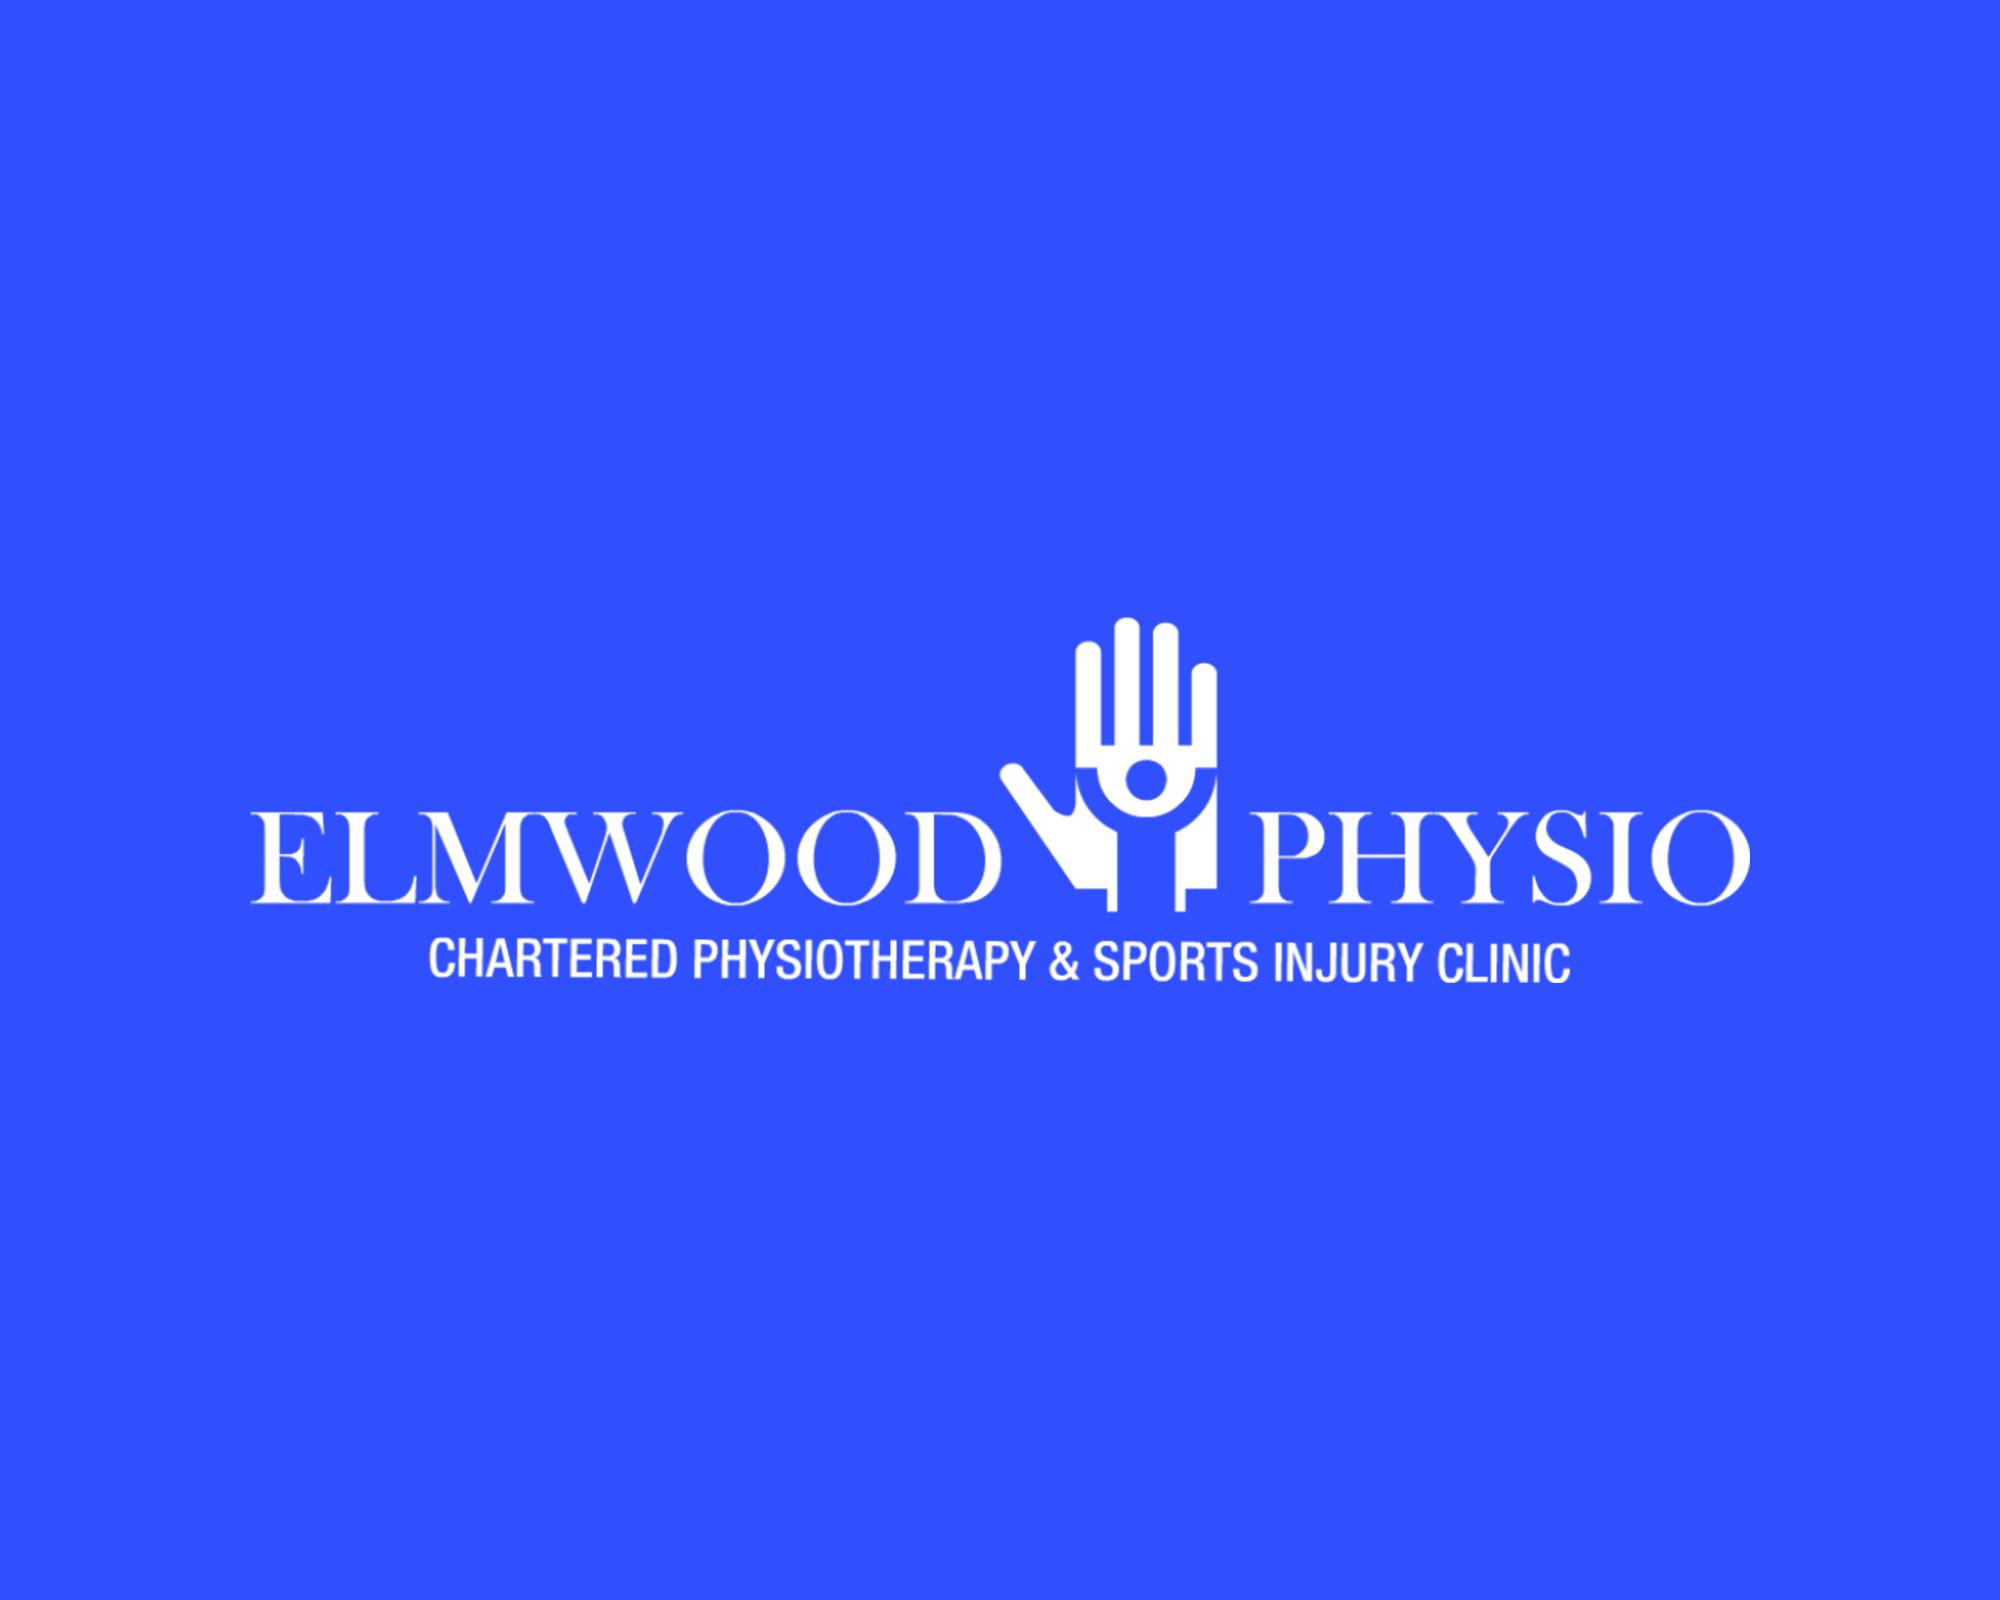 elmwood physio Logo